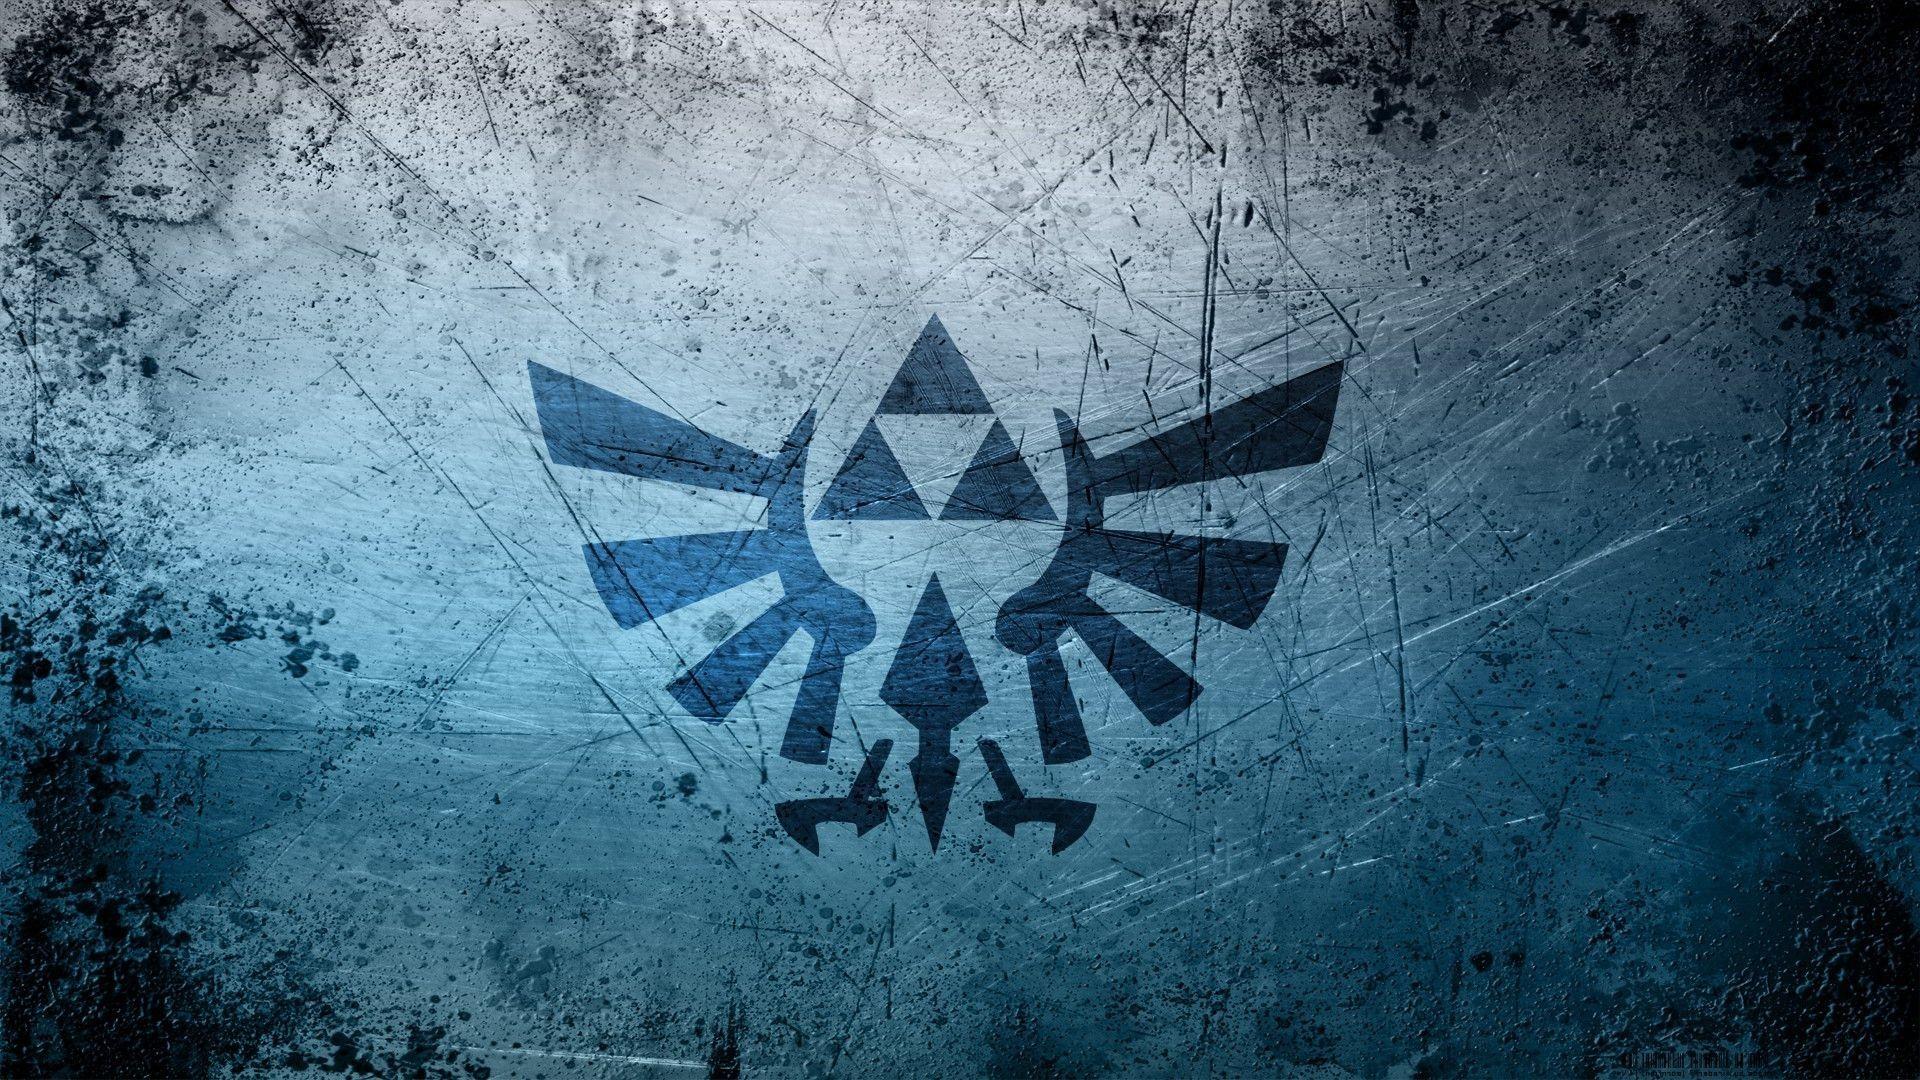 Zelda Wallpaper Download Free Stunning Hd Wallpapers Of